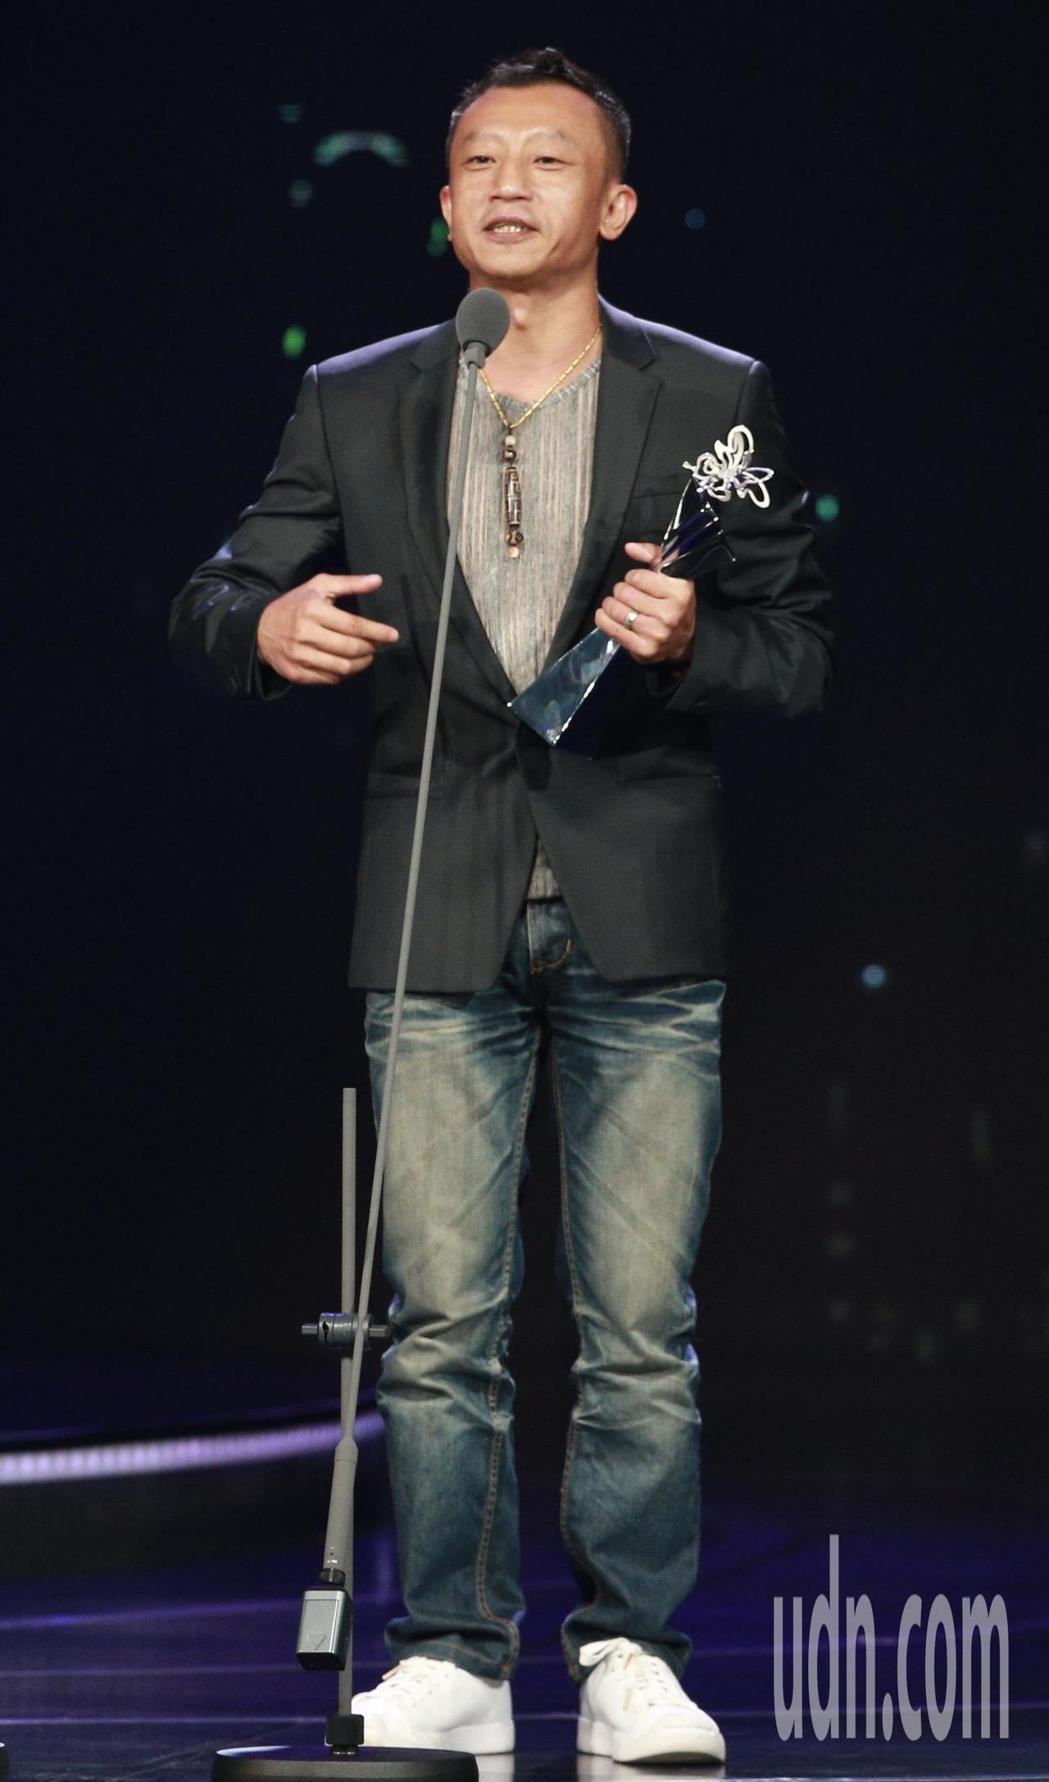 2018台北電影獎,最佳編劇獎由楊雅喆獲得。記者林伯東/攝影